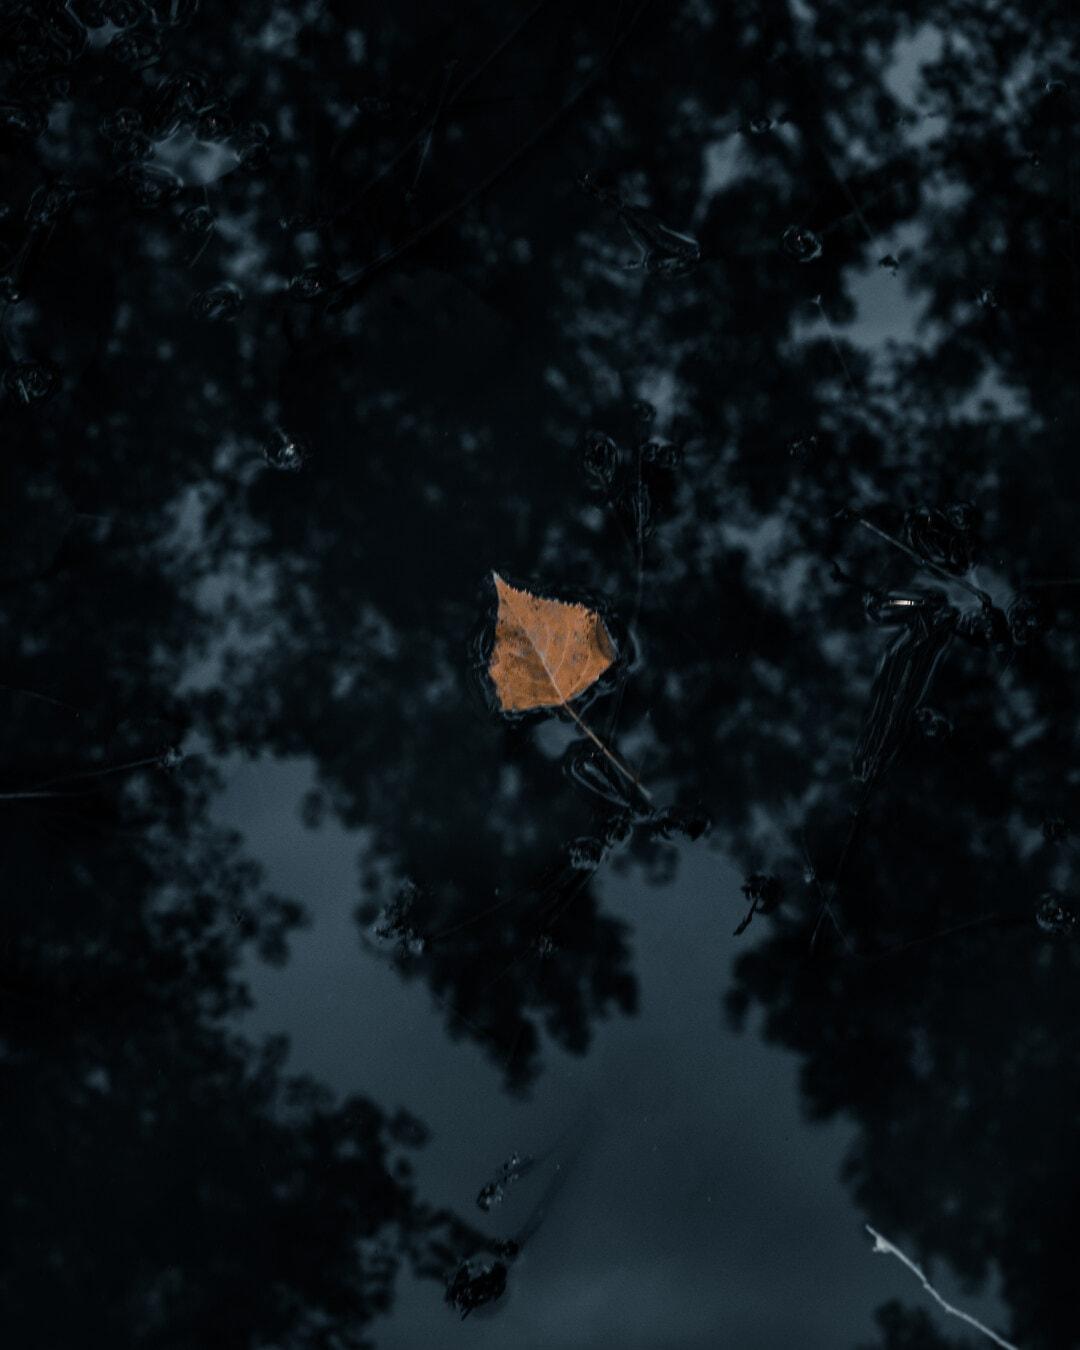 feuilles jaunes, sec, brun jaunâtre, flottant, eau, ténèbres, ombre, sombre, nature, Résumé